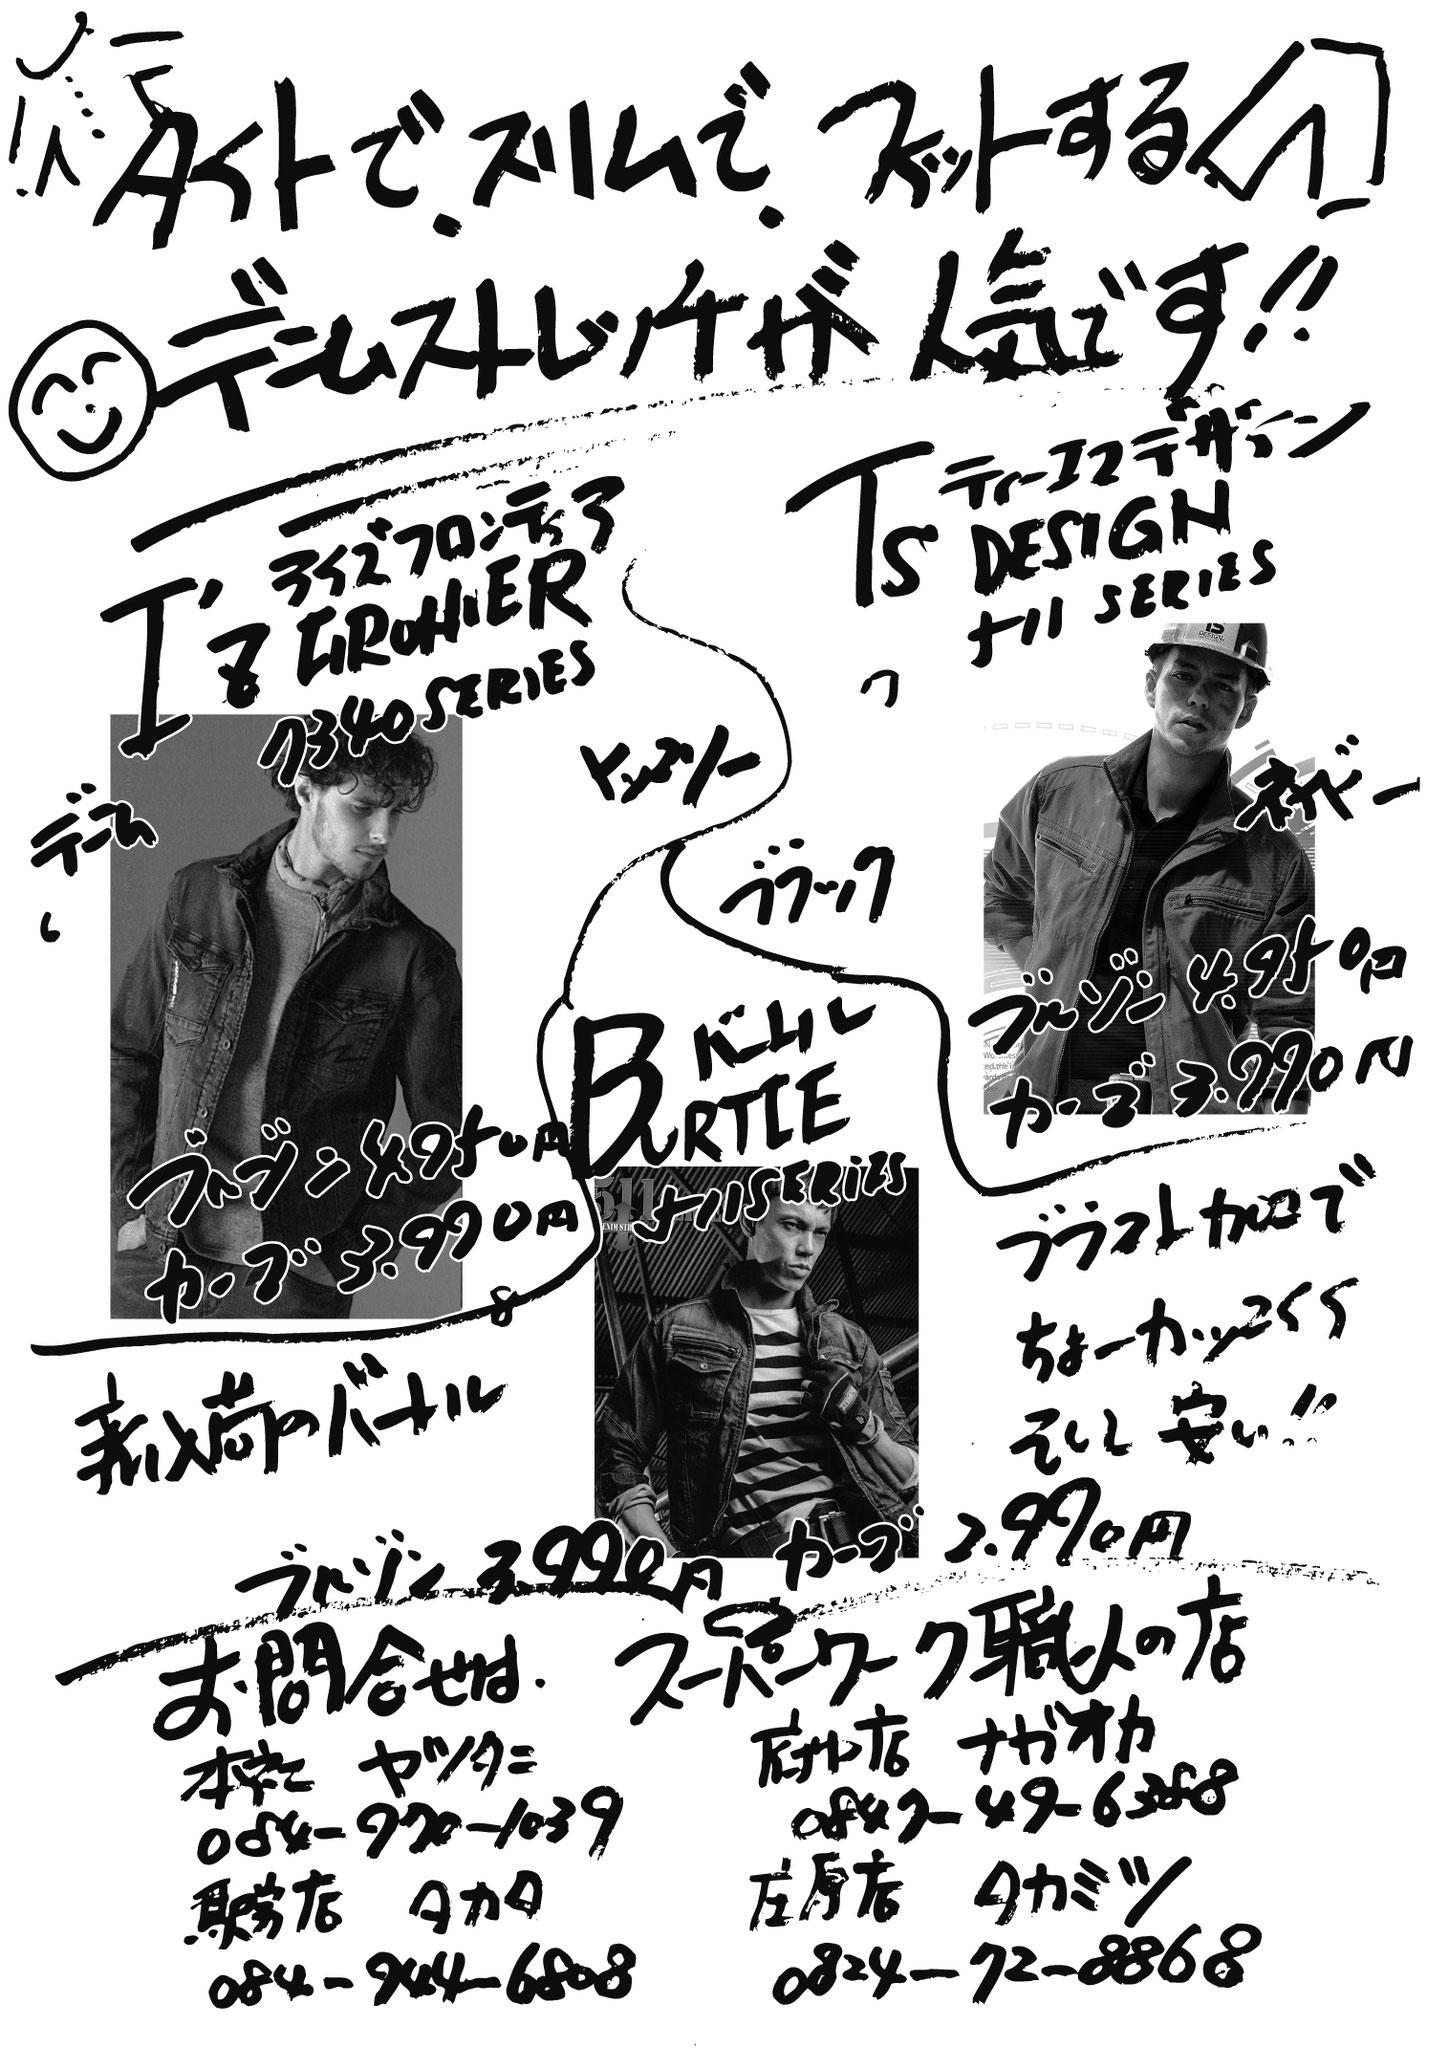 デニムストレッチ作業服の人気ベスト3は、アイズフロンティア・TSデザイン・バートル!!